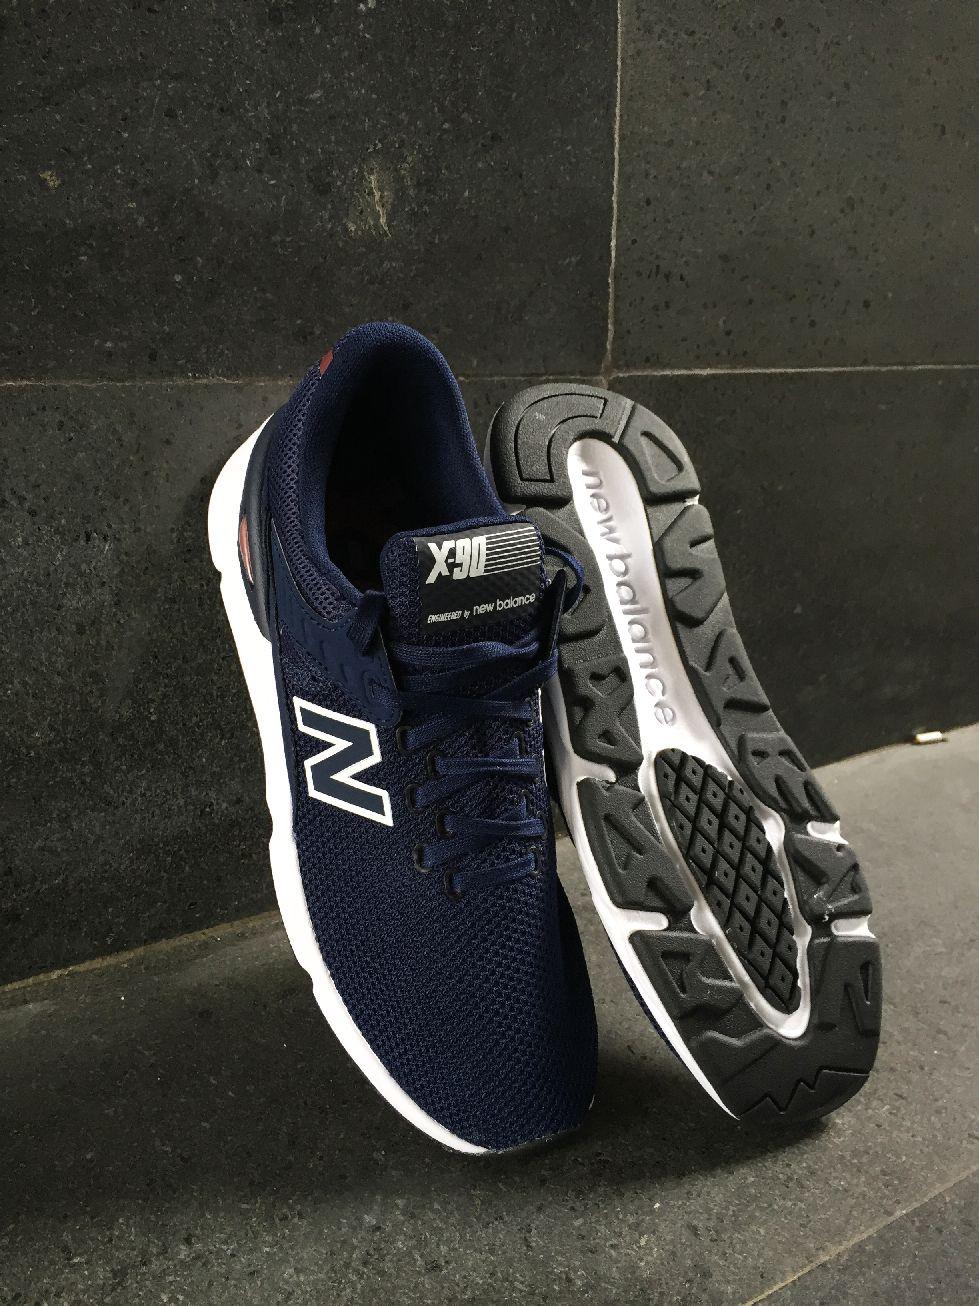 New Balance X-90 Scarpe Sportive scarpe da ginnastica Lifestyle sportswear sportswear sportswear Blu | acquistare  | Gentiluomo/Signora Scarpa  07ff31